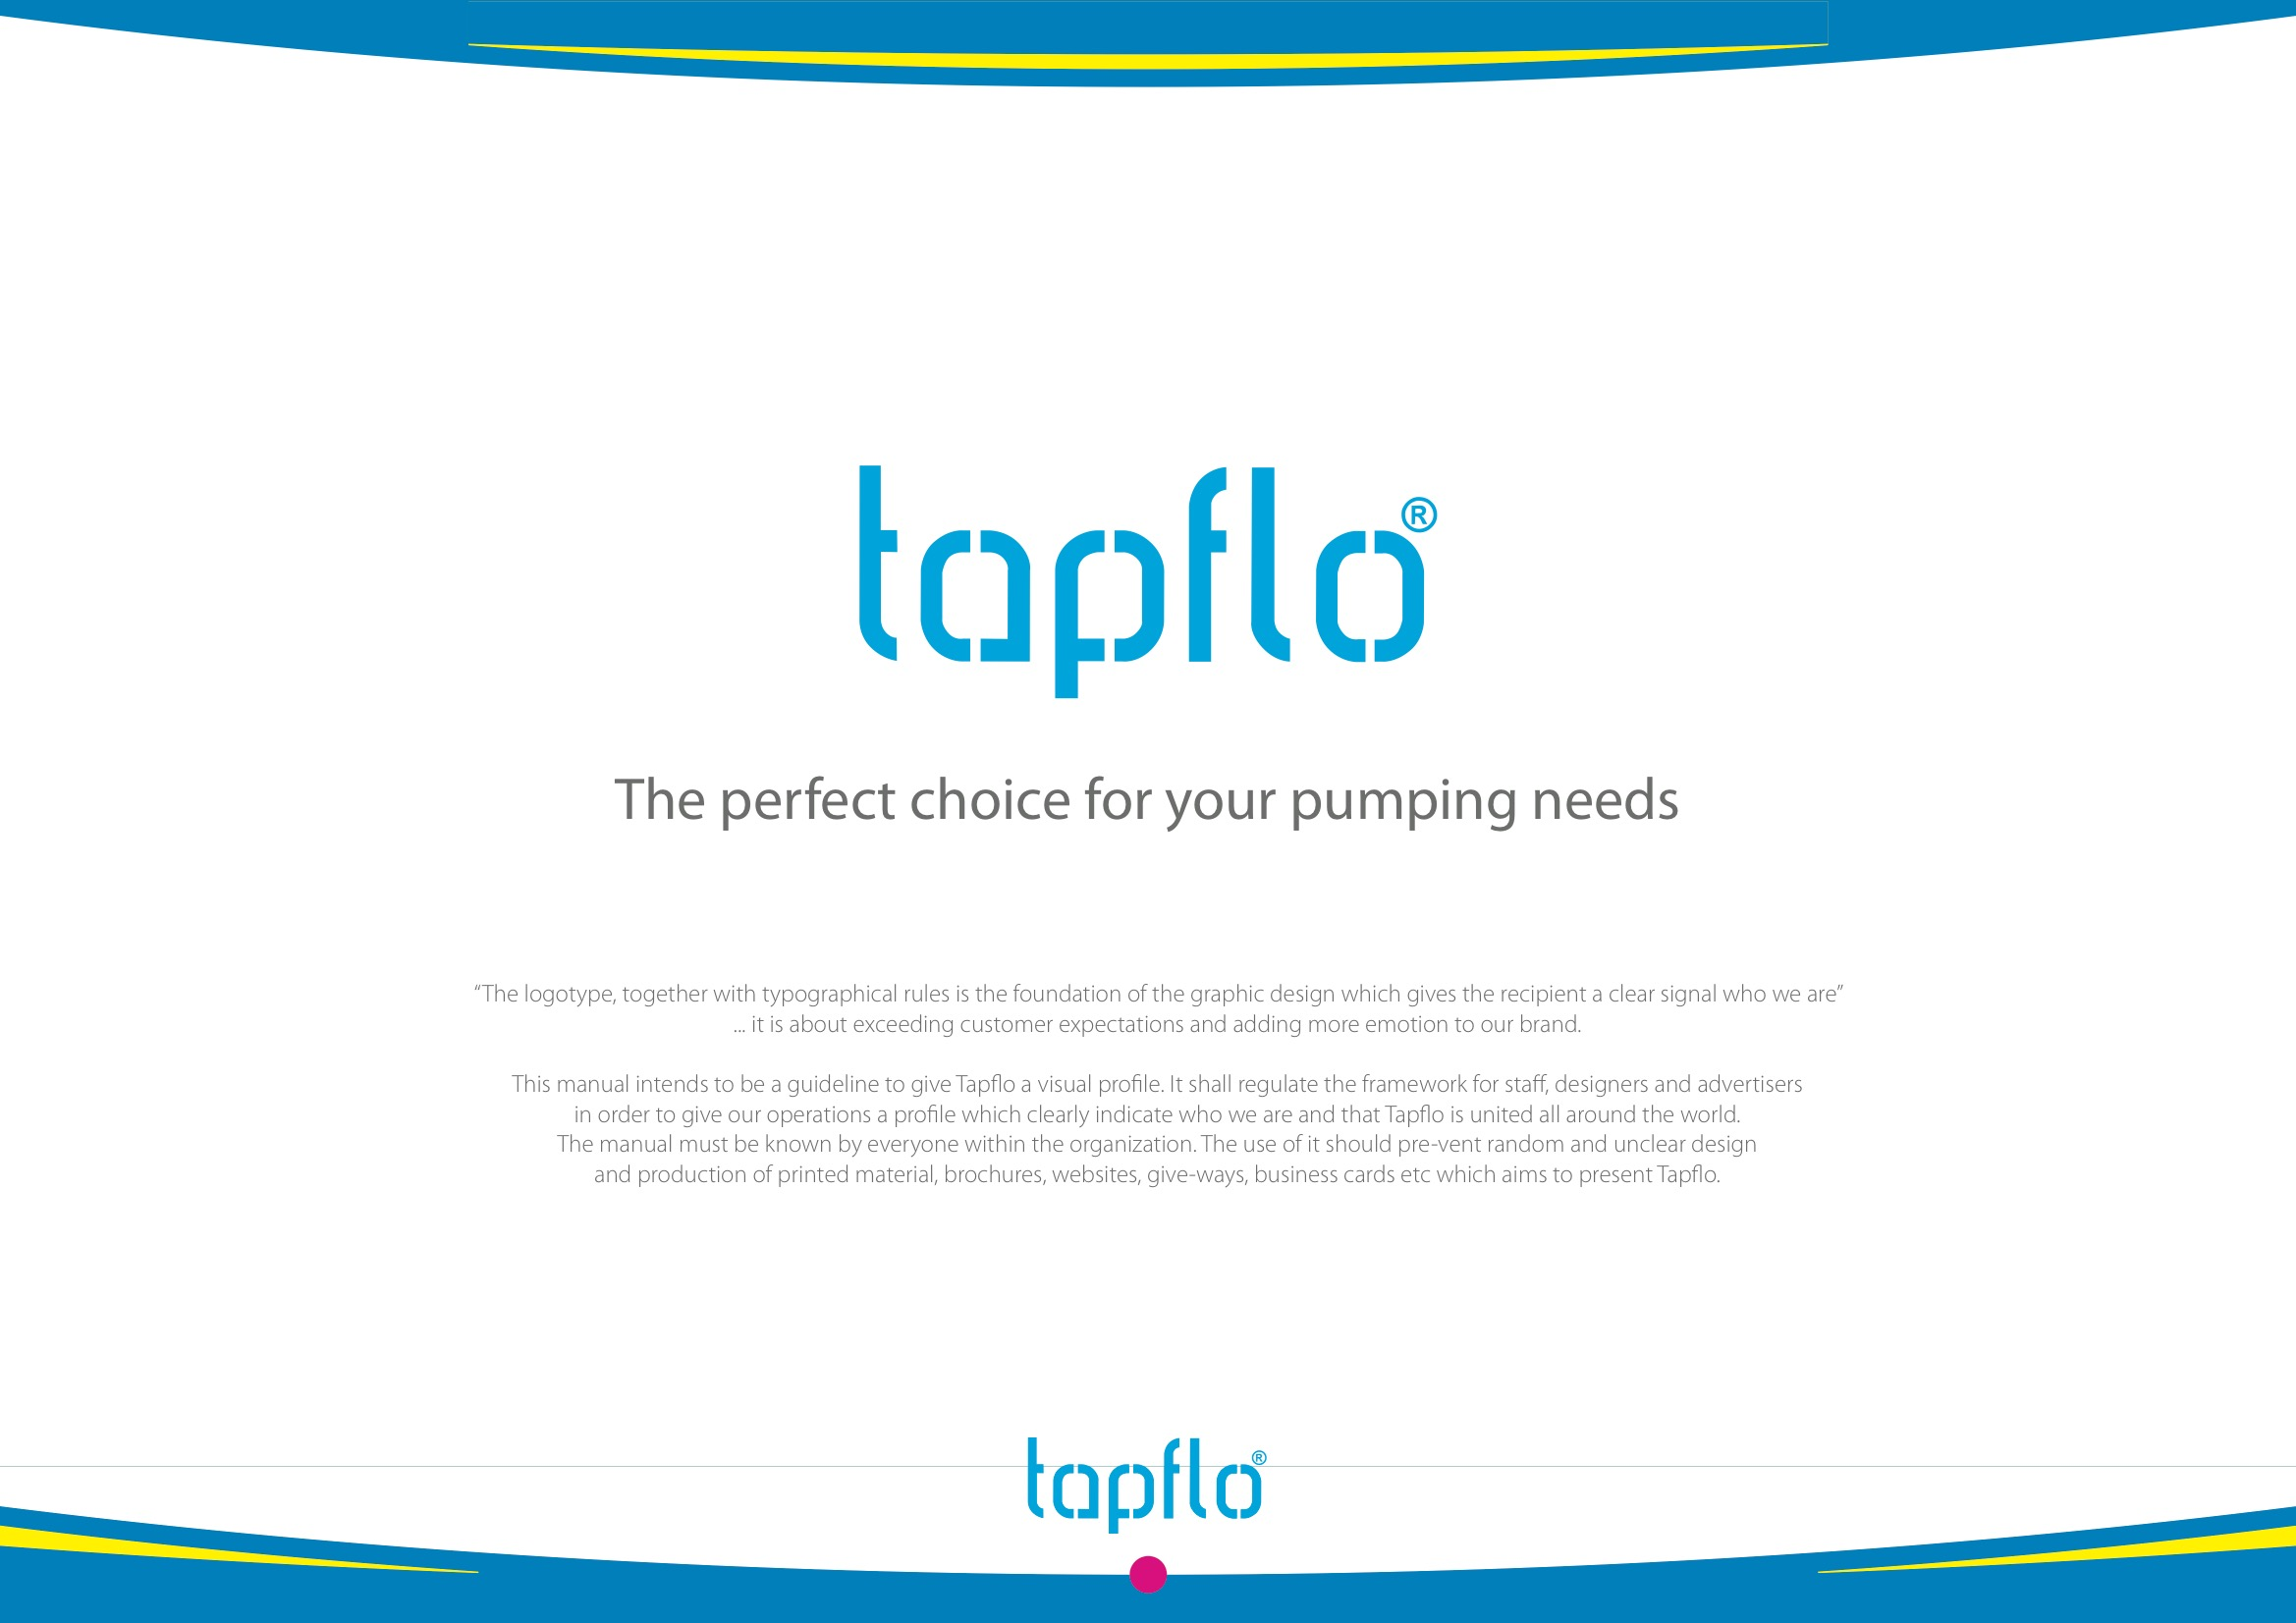 Tapflo_Style_23maijs 2